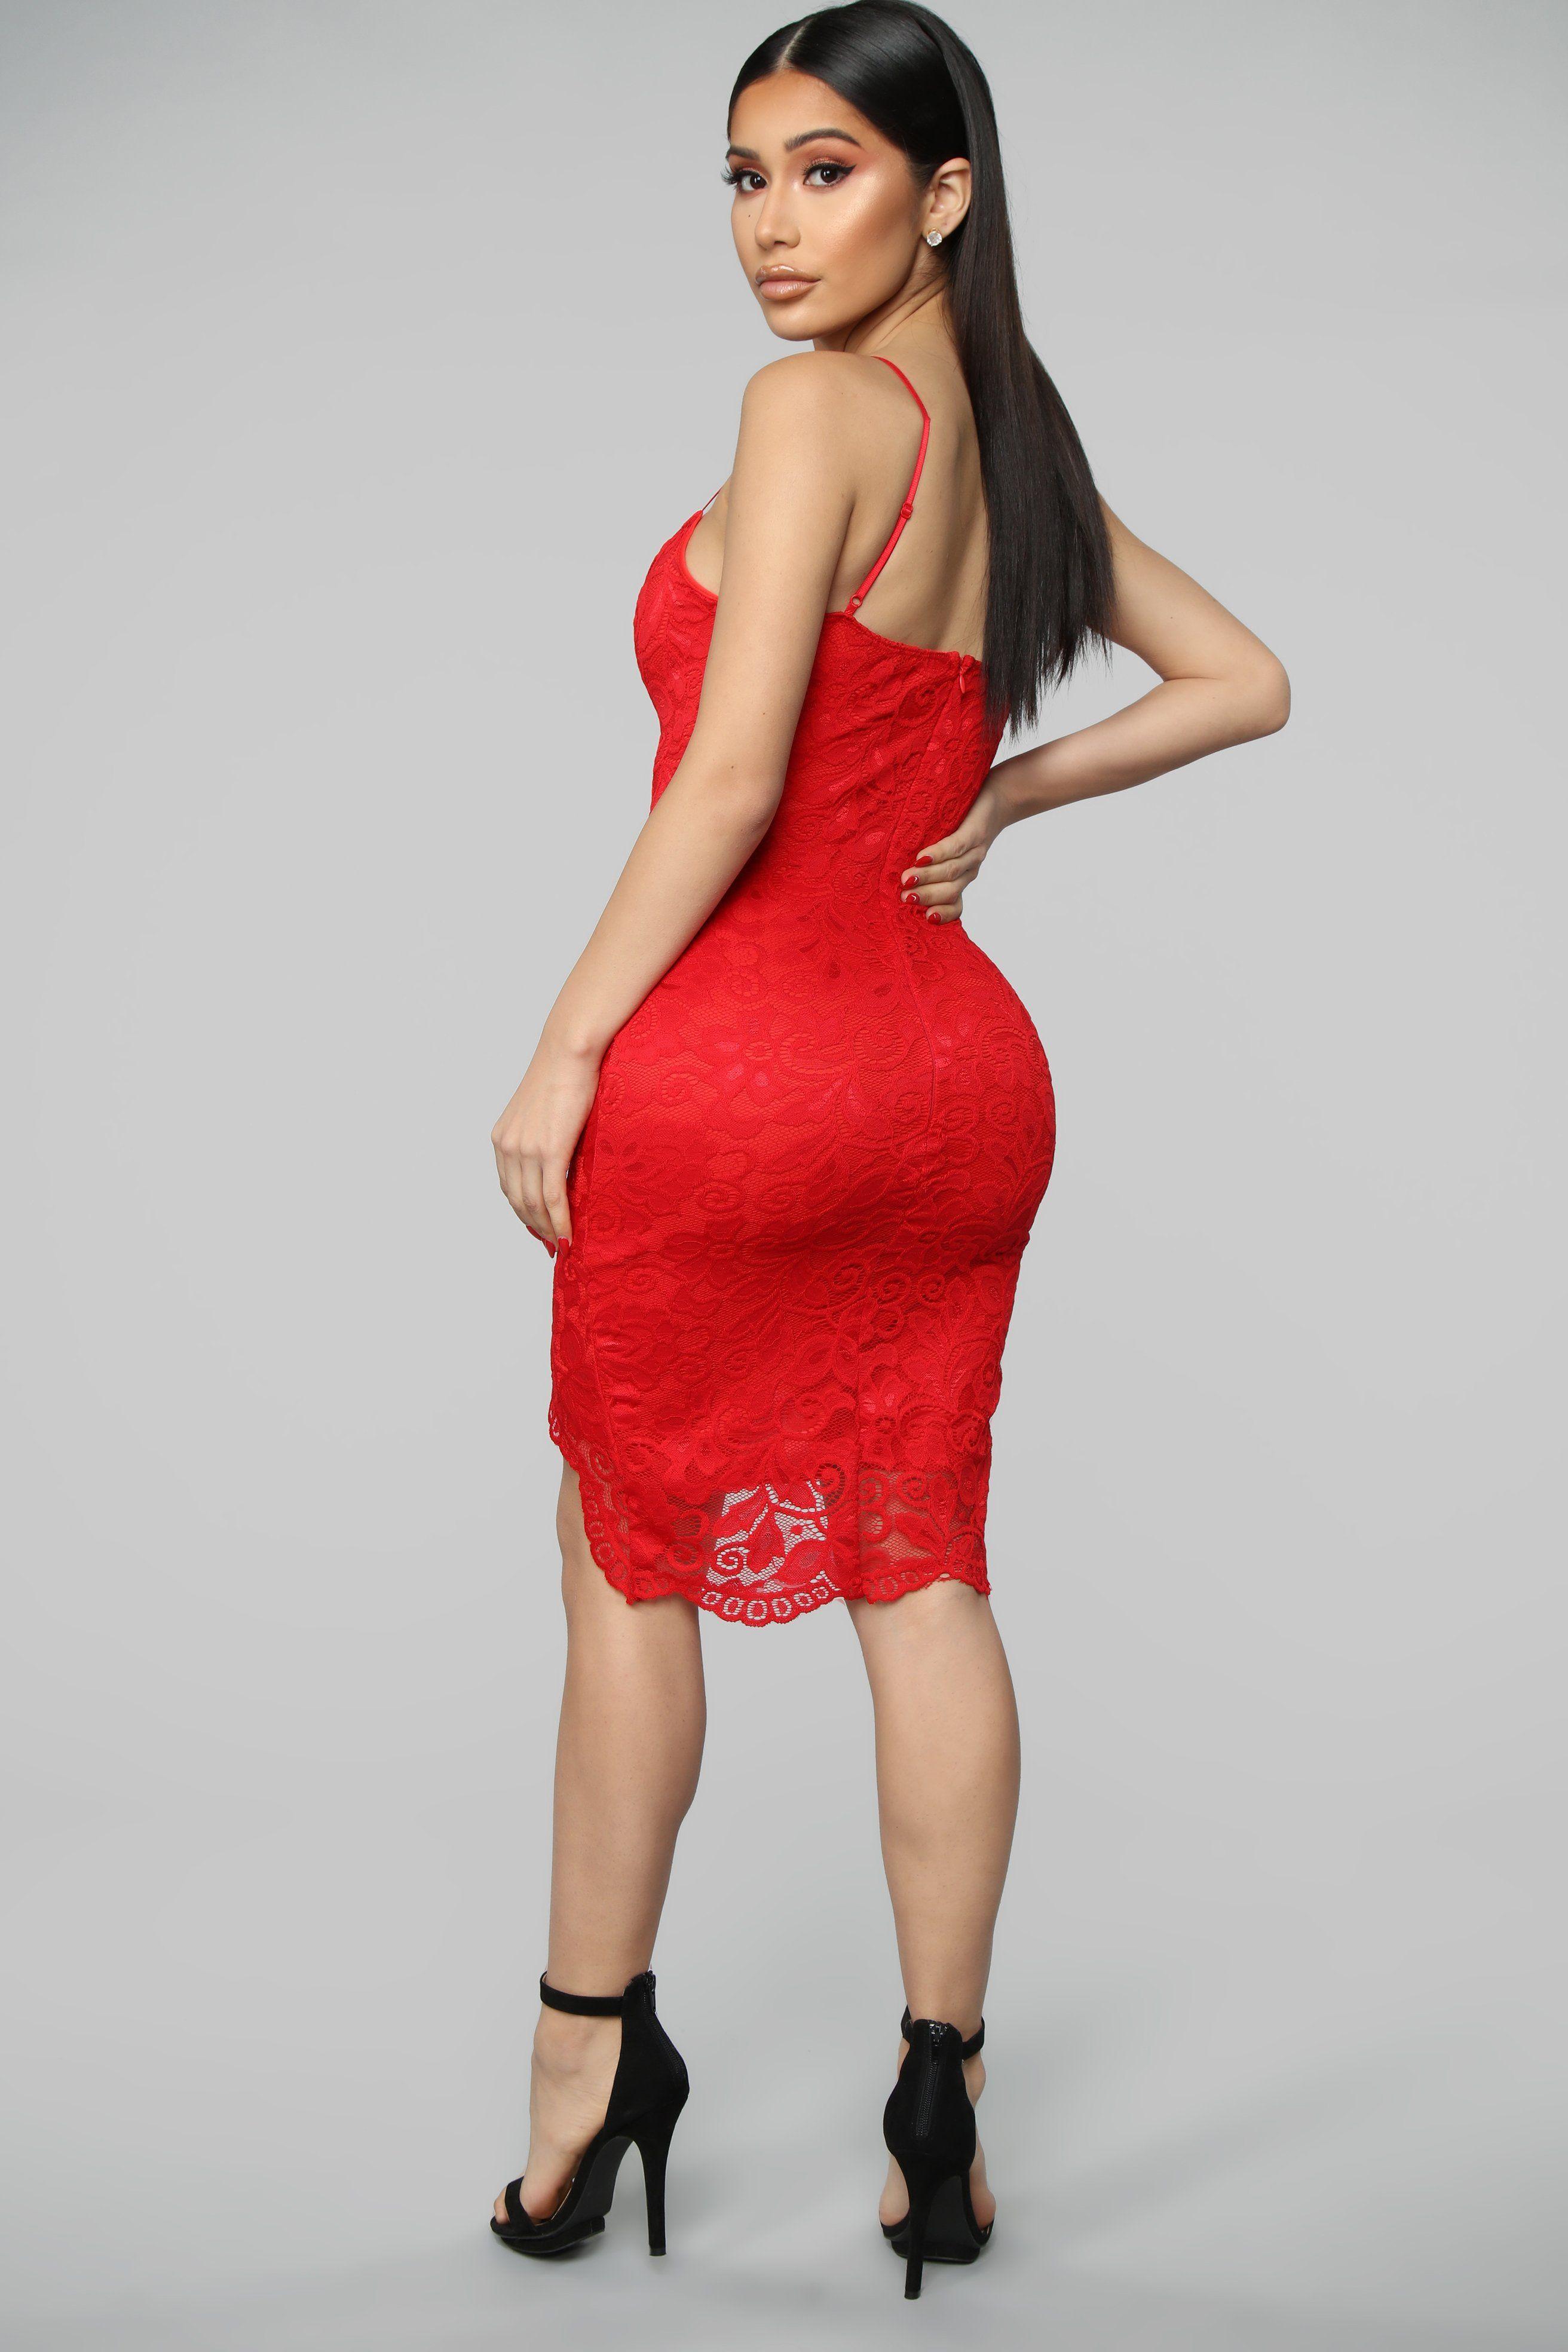 Pin On Dress [ 3936 x 2624 Pixel ]